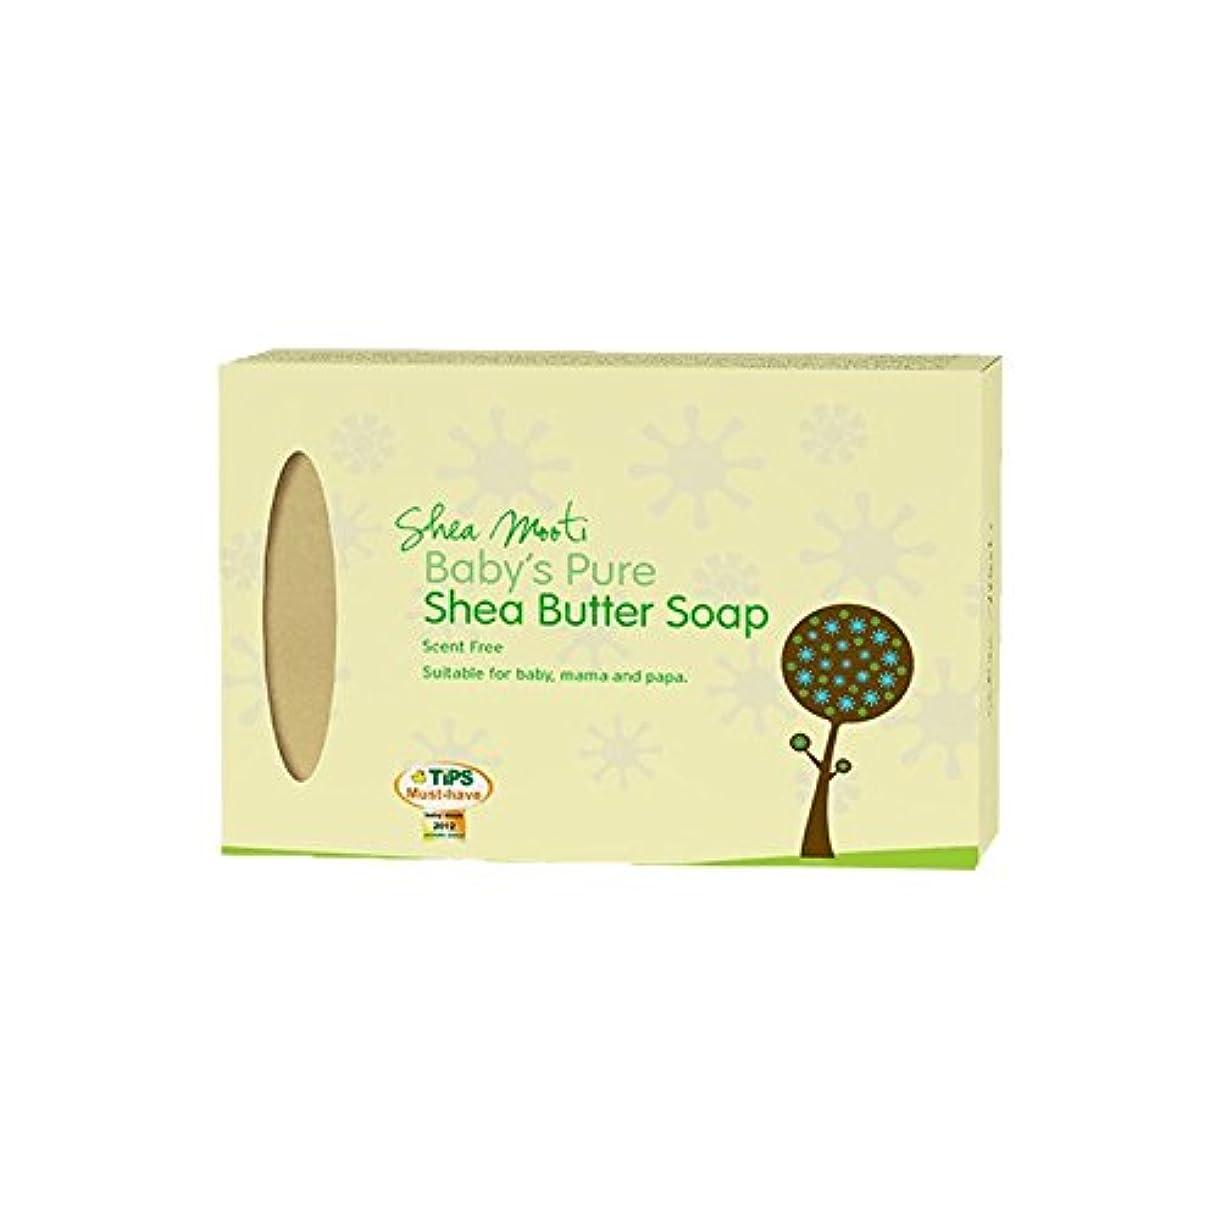 怠感思慮のない歌Shea Mooti Baby's Pure Shea Butter Soap Unscented 250ml (Pack of 6) - シアバターMooti赤ちゃんの純粋なシアバターソープ無香250ミリリットル (x6...